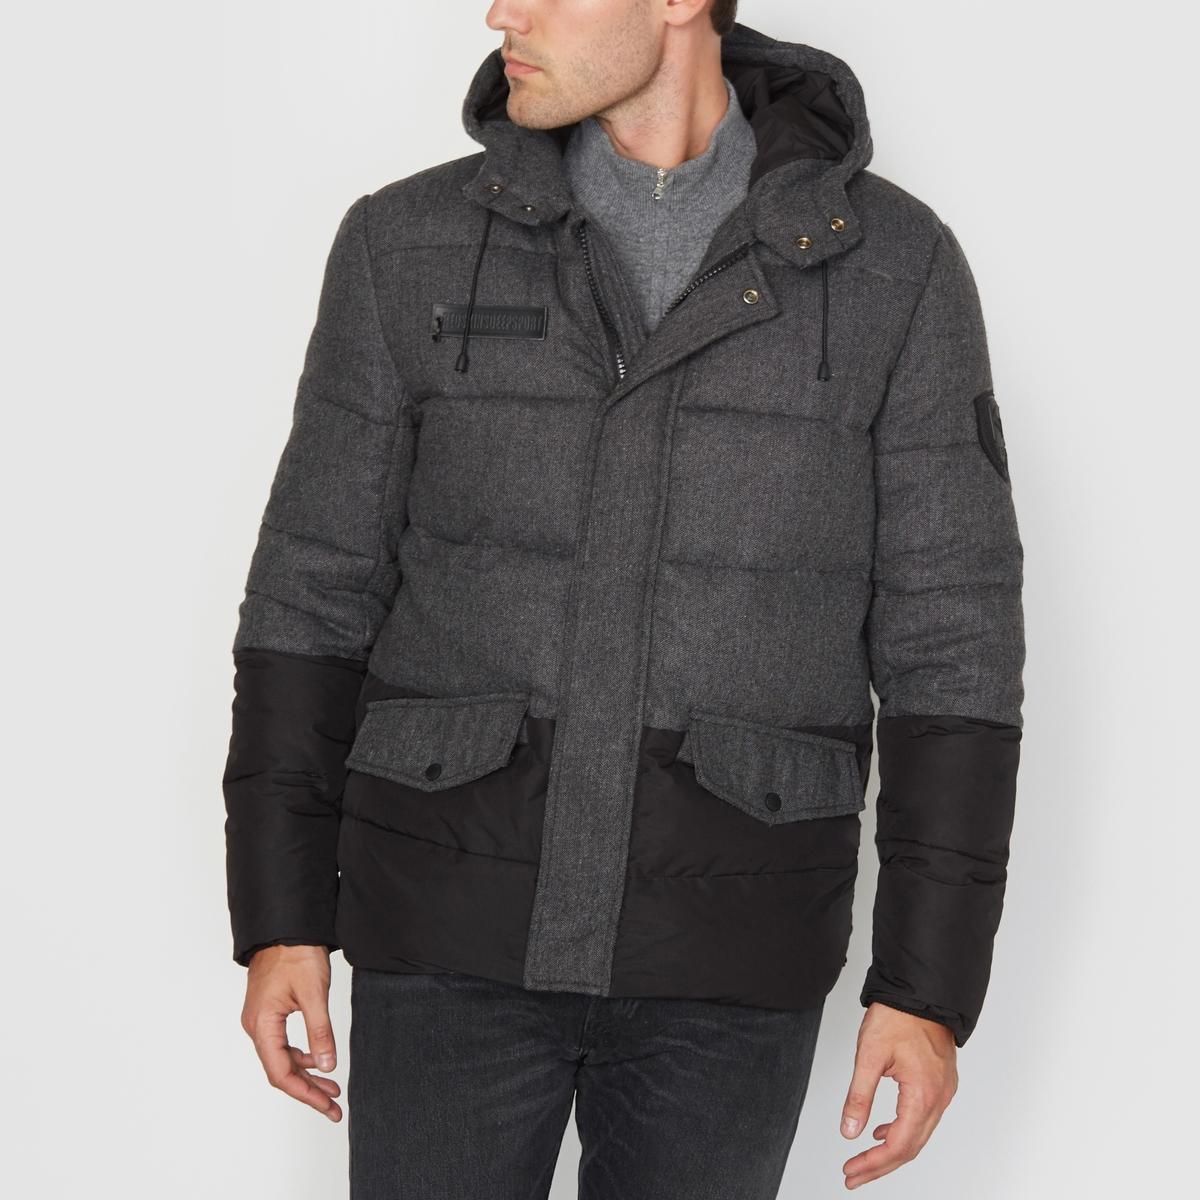 Куртка стёганая двухцветная с капюшоном GUMBALLСостав и описаниеМатериал: 80% полиэстера, 20% хлопка.Марка: REDSKINS<br><br>Цвет: антрацит<br>Размер: 3XL